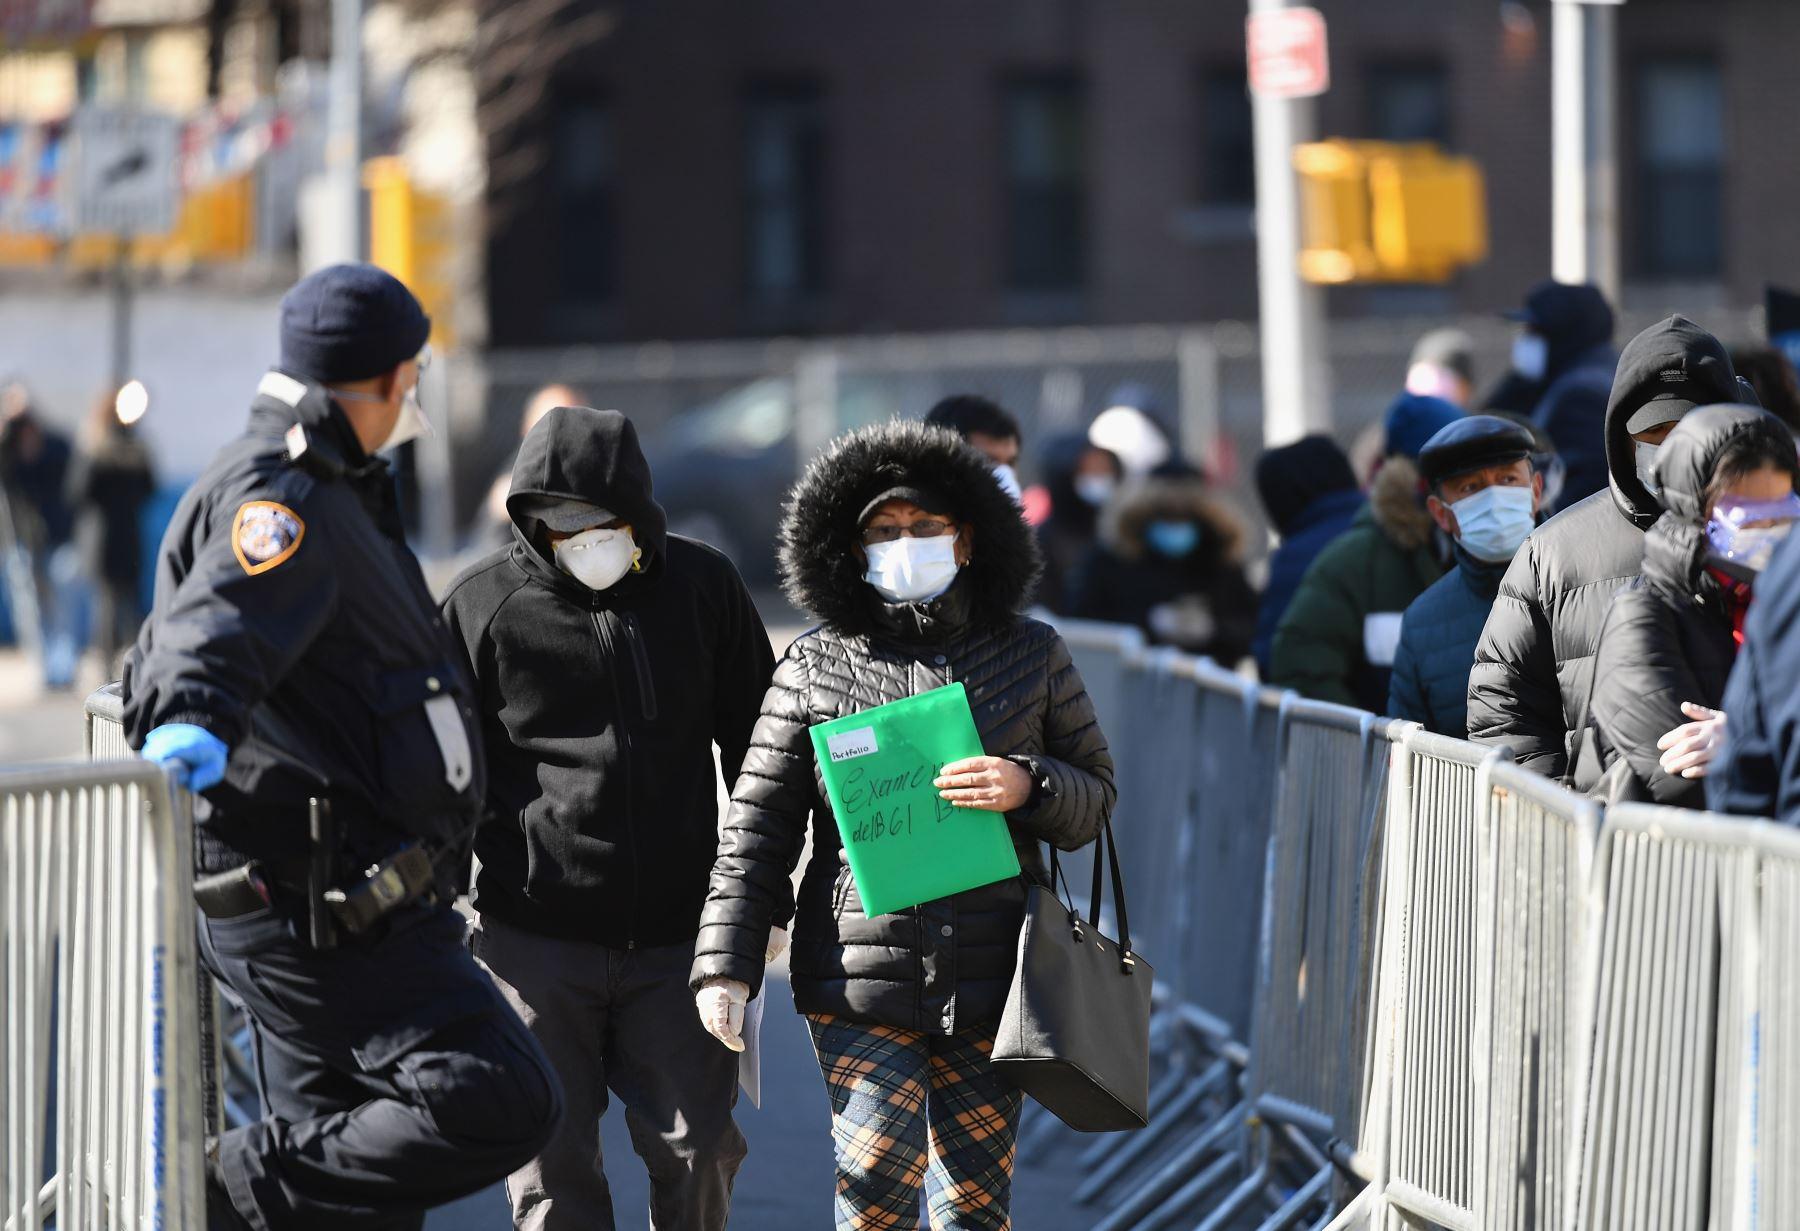 Las personas se van después de hacerse la prueba del coronavirus (COVID-19) en el Centro Hospitalario Elmhurst en el distrito de Queens de la ciudad de Nueva York. AFP